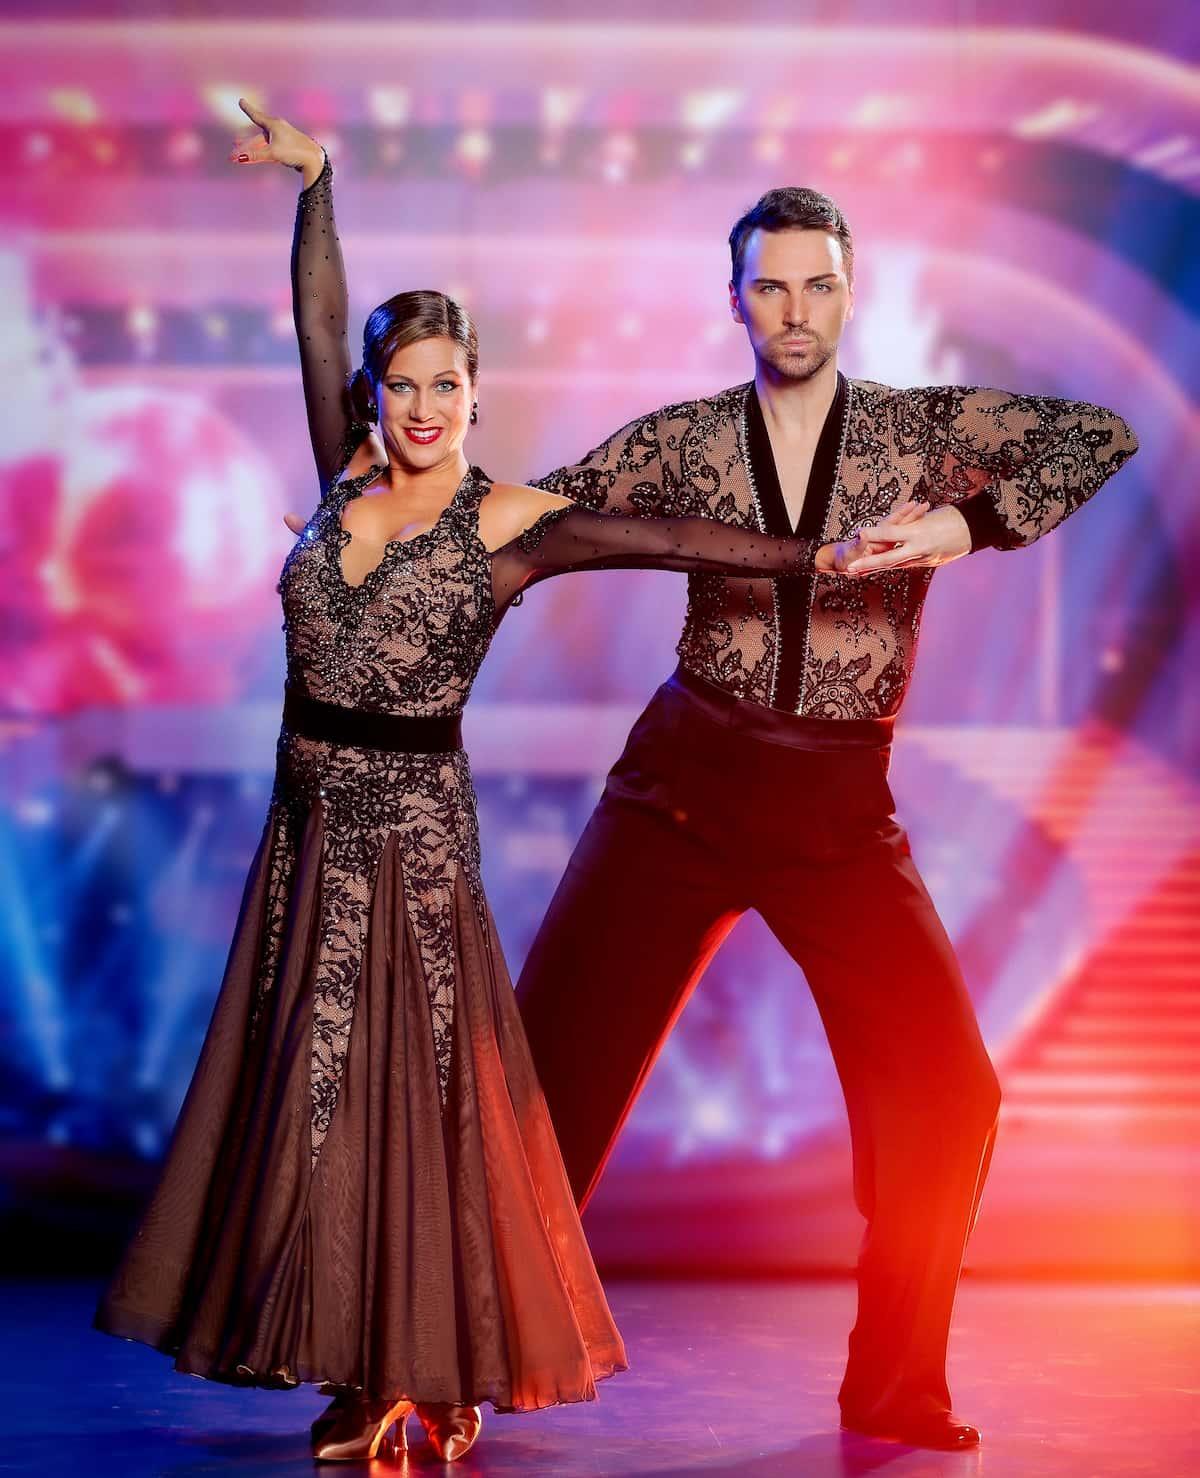 Niko Niko und Manuela Stöckl bei den Dancing Stars 24.9.2021